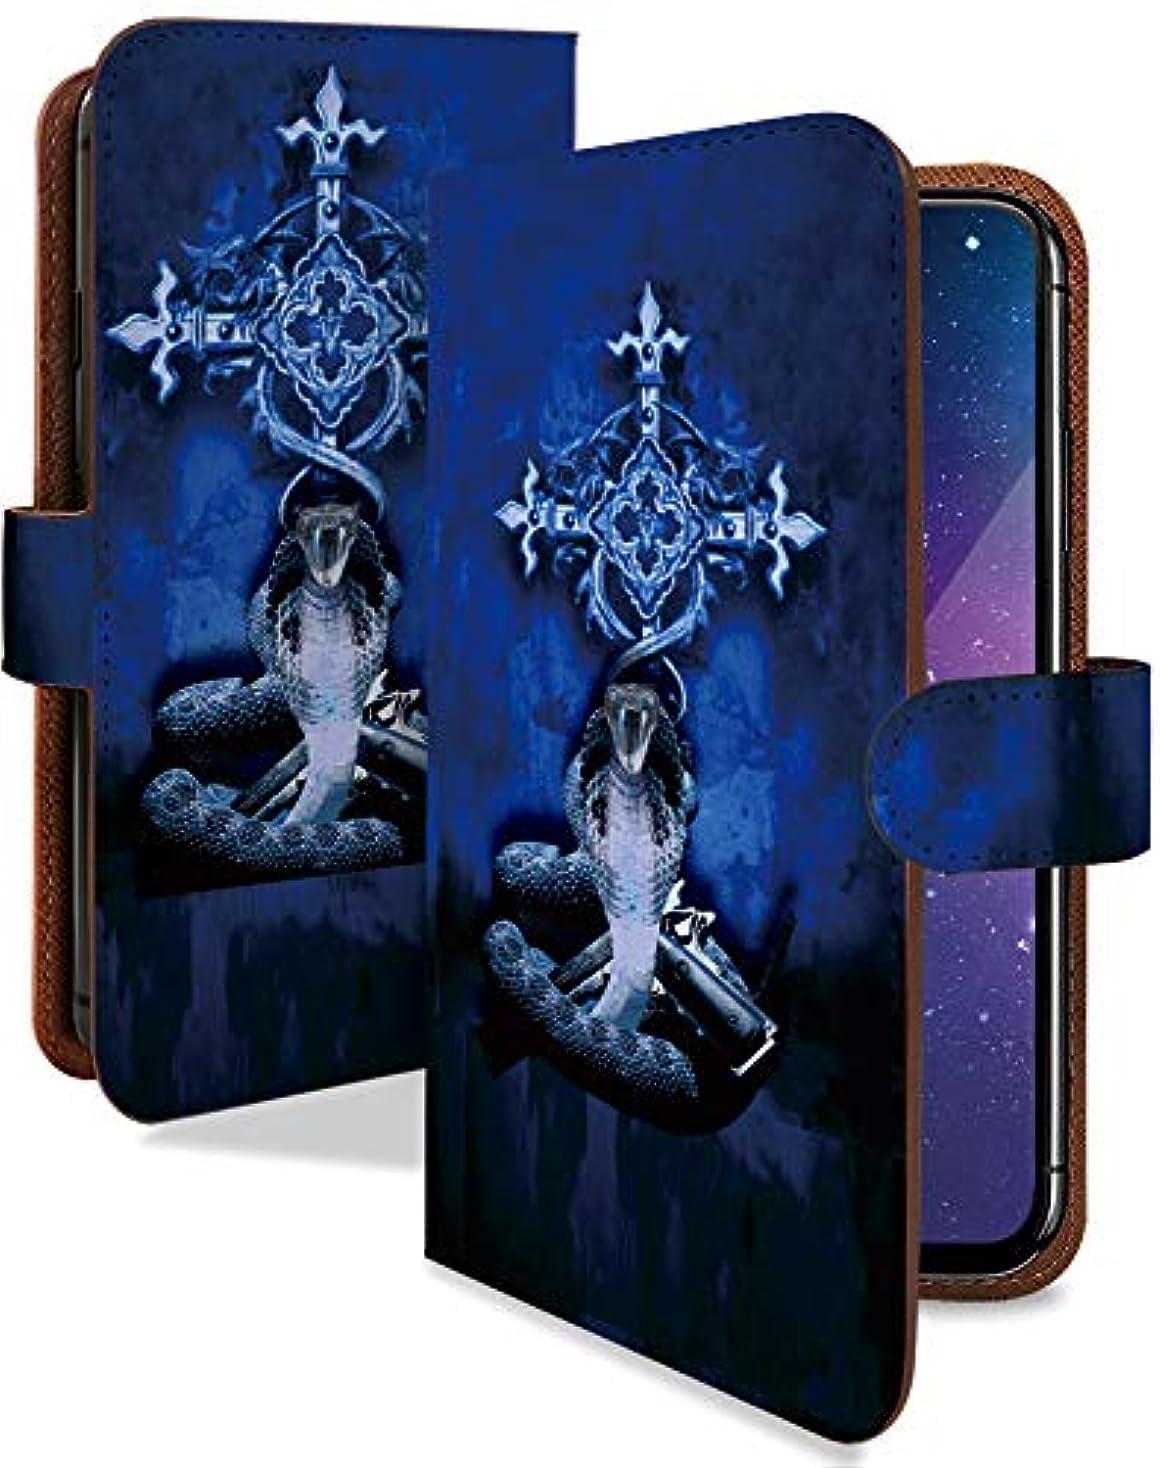 脚本王子犬Nexus6 ワイモバイル ケース 手帳型 コブラ ブルー クロス かっこいい スマホケース ネクサス6 手帳 カバー nexus 6 nexus6ケース nexus6カバー 十字架 ロック パンクロック [コブラ ブルー/t0306]